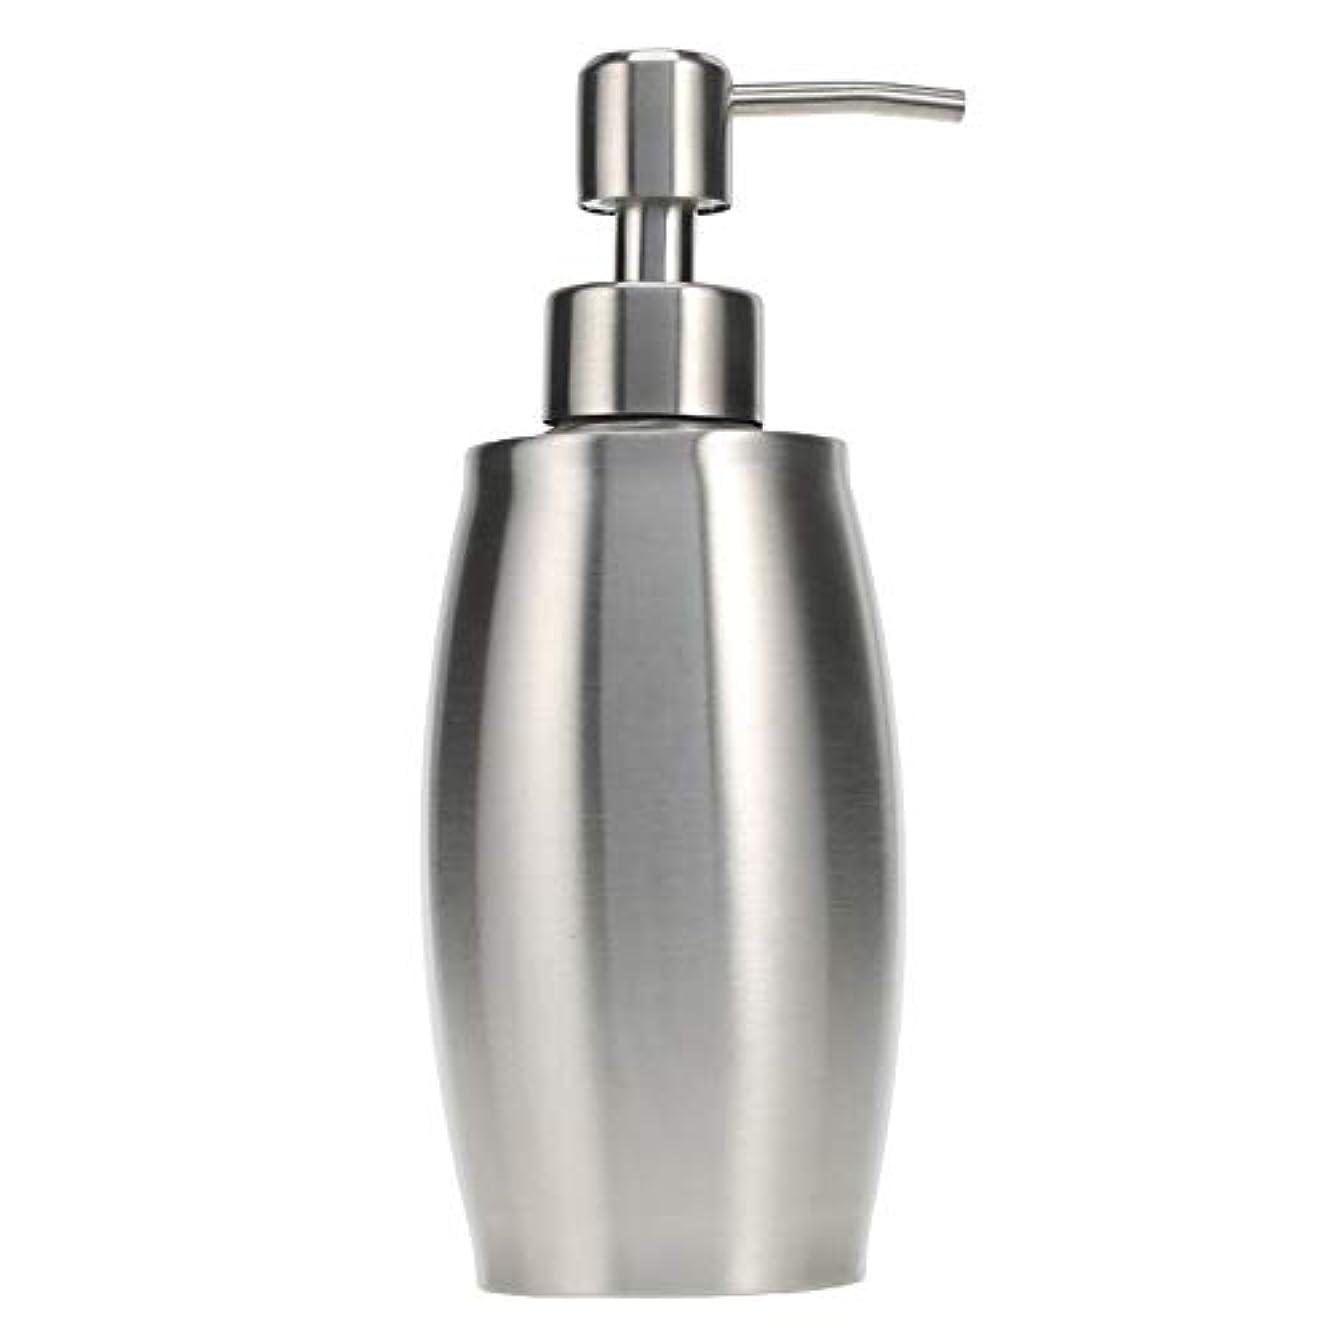 ソープ ポンプ シャンプーディスペンサー 手洗いボトル ステンレス製 350ml 防錆 シャワージェル 石鹸 シャンプー 洗剤 キッチン バスルーム トイレ 洗剤容器 (シルバー)